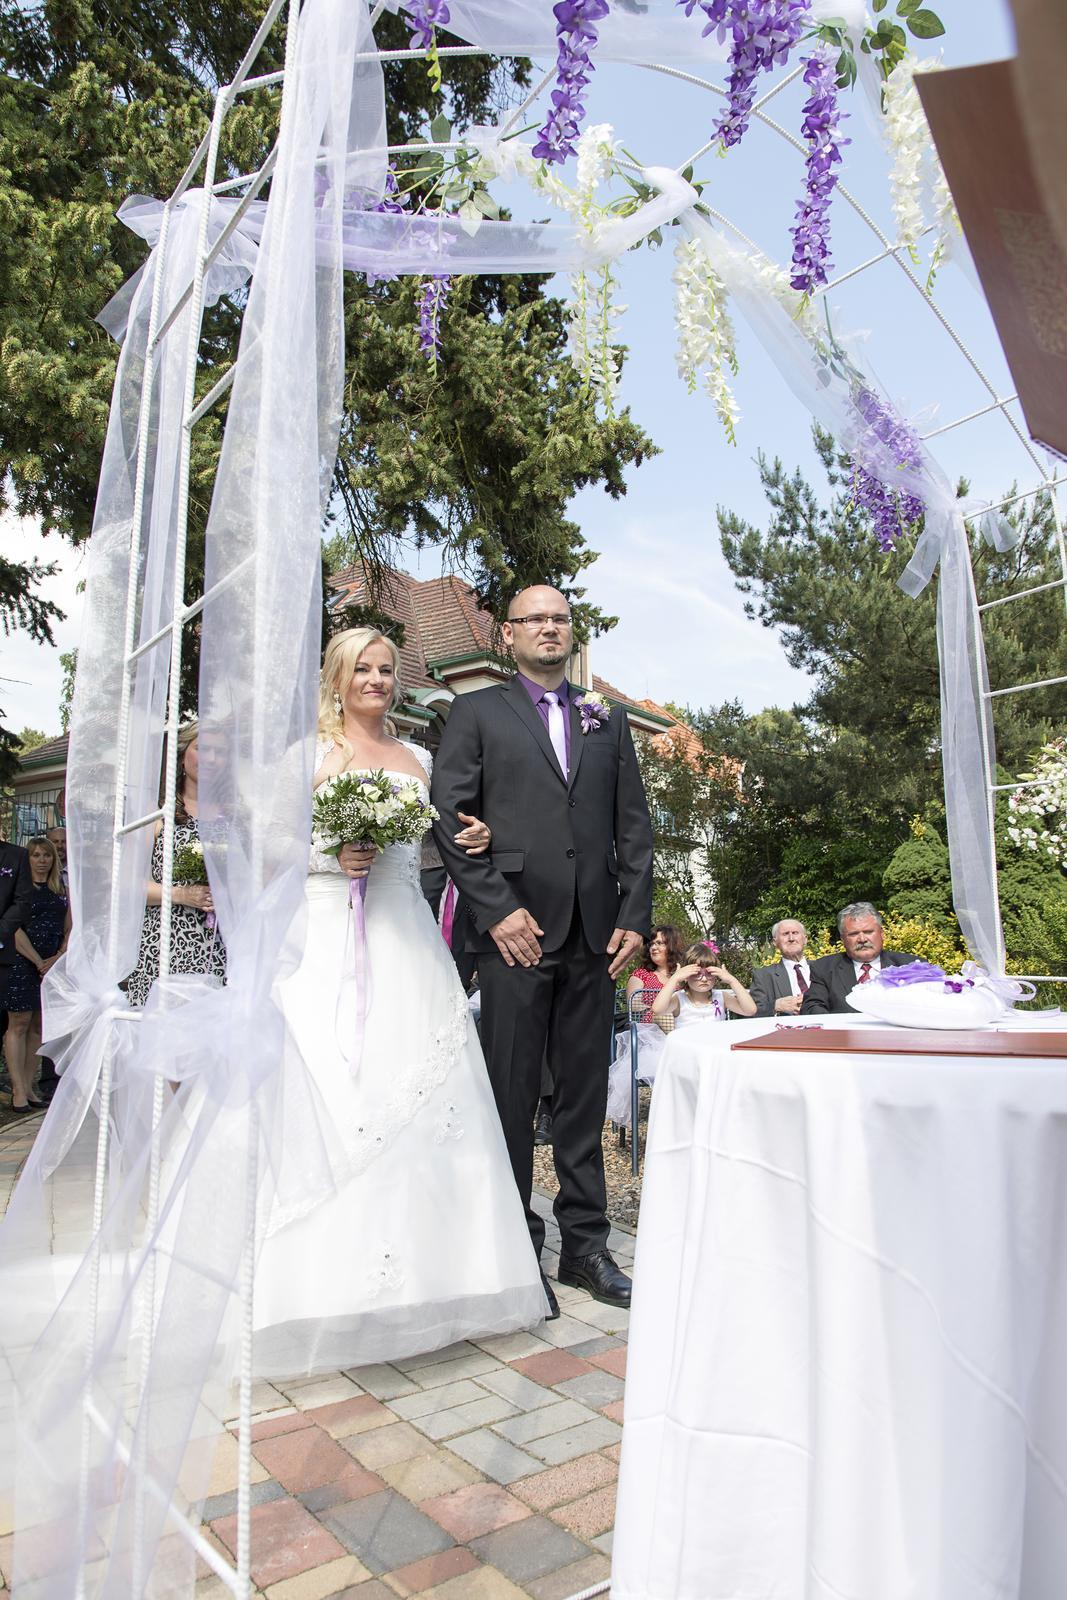 19.5.2018 svatba Lhota - Obrázek č. 1